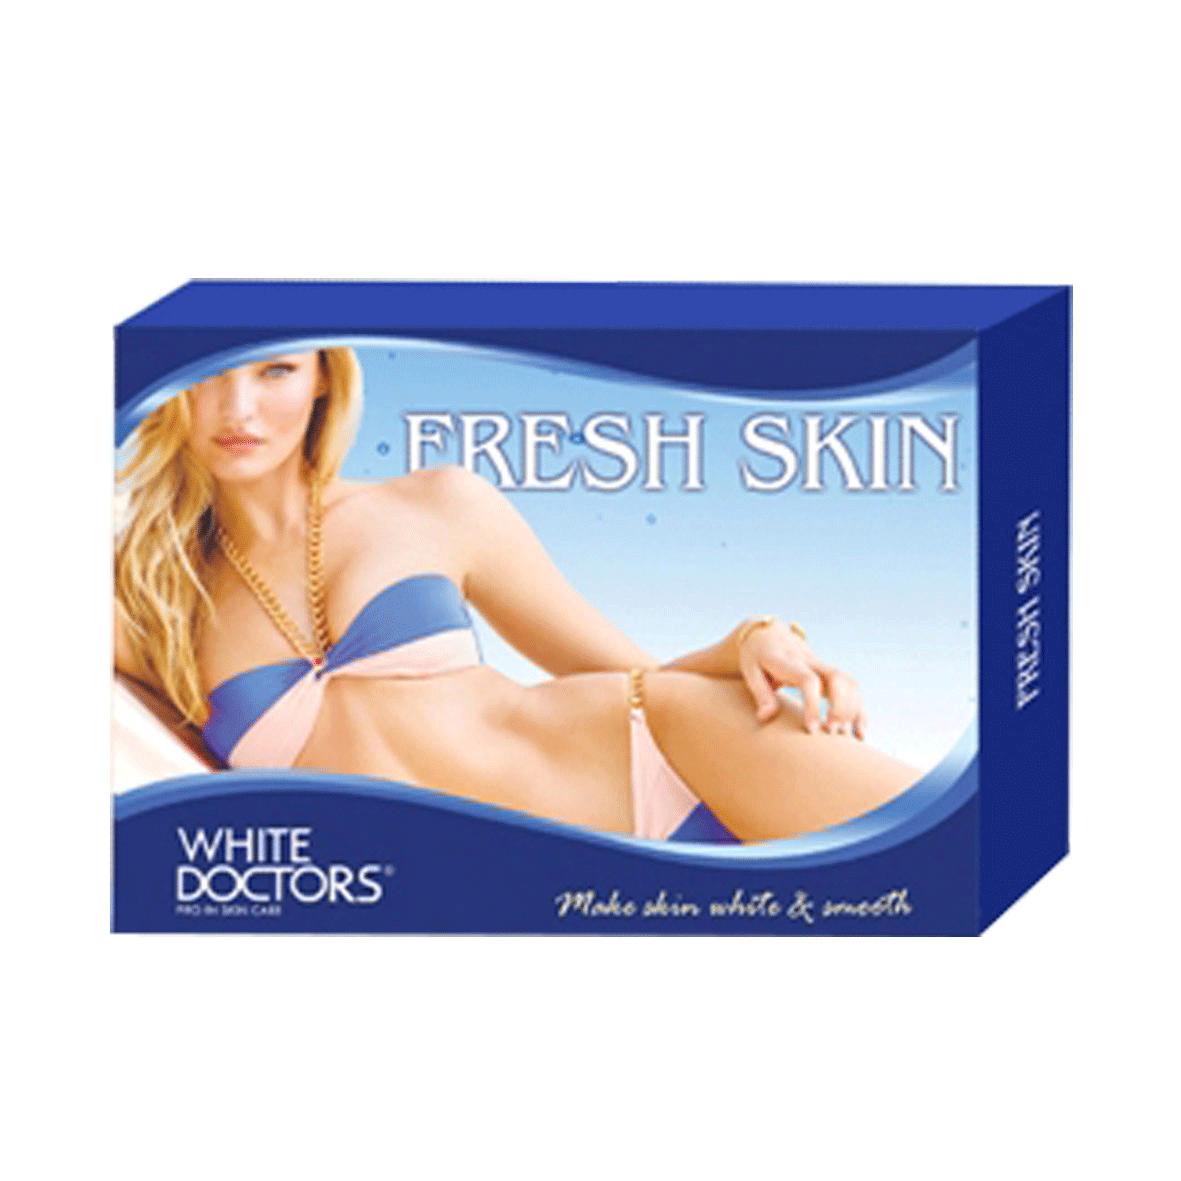 White Doctors Fresh Skin Kem tẩy tế bào chết làm trắng da